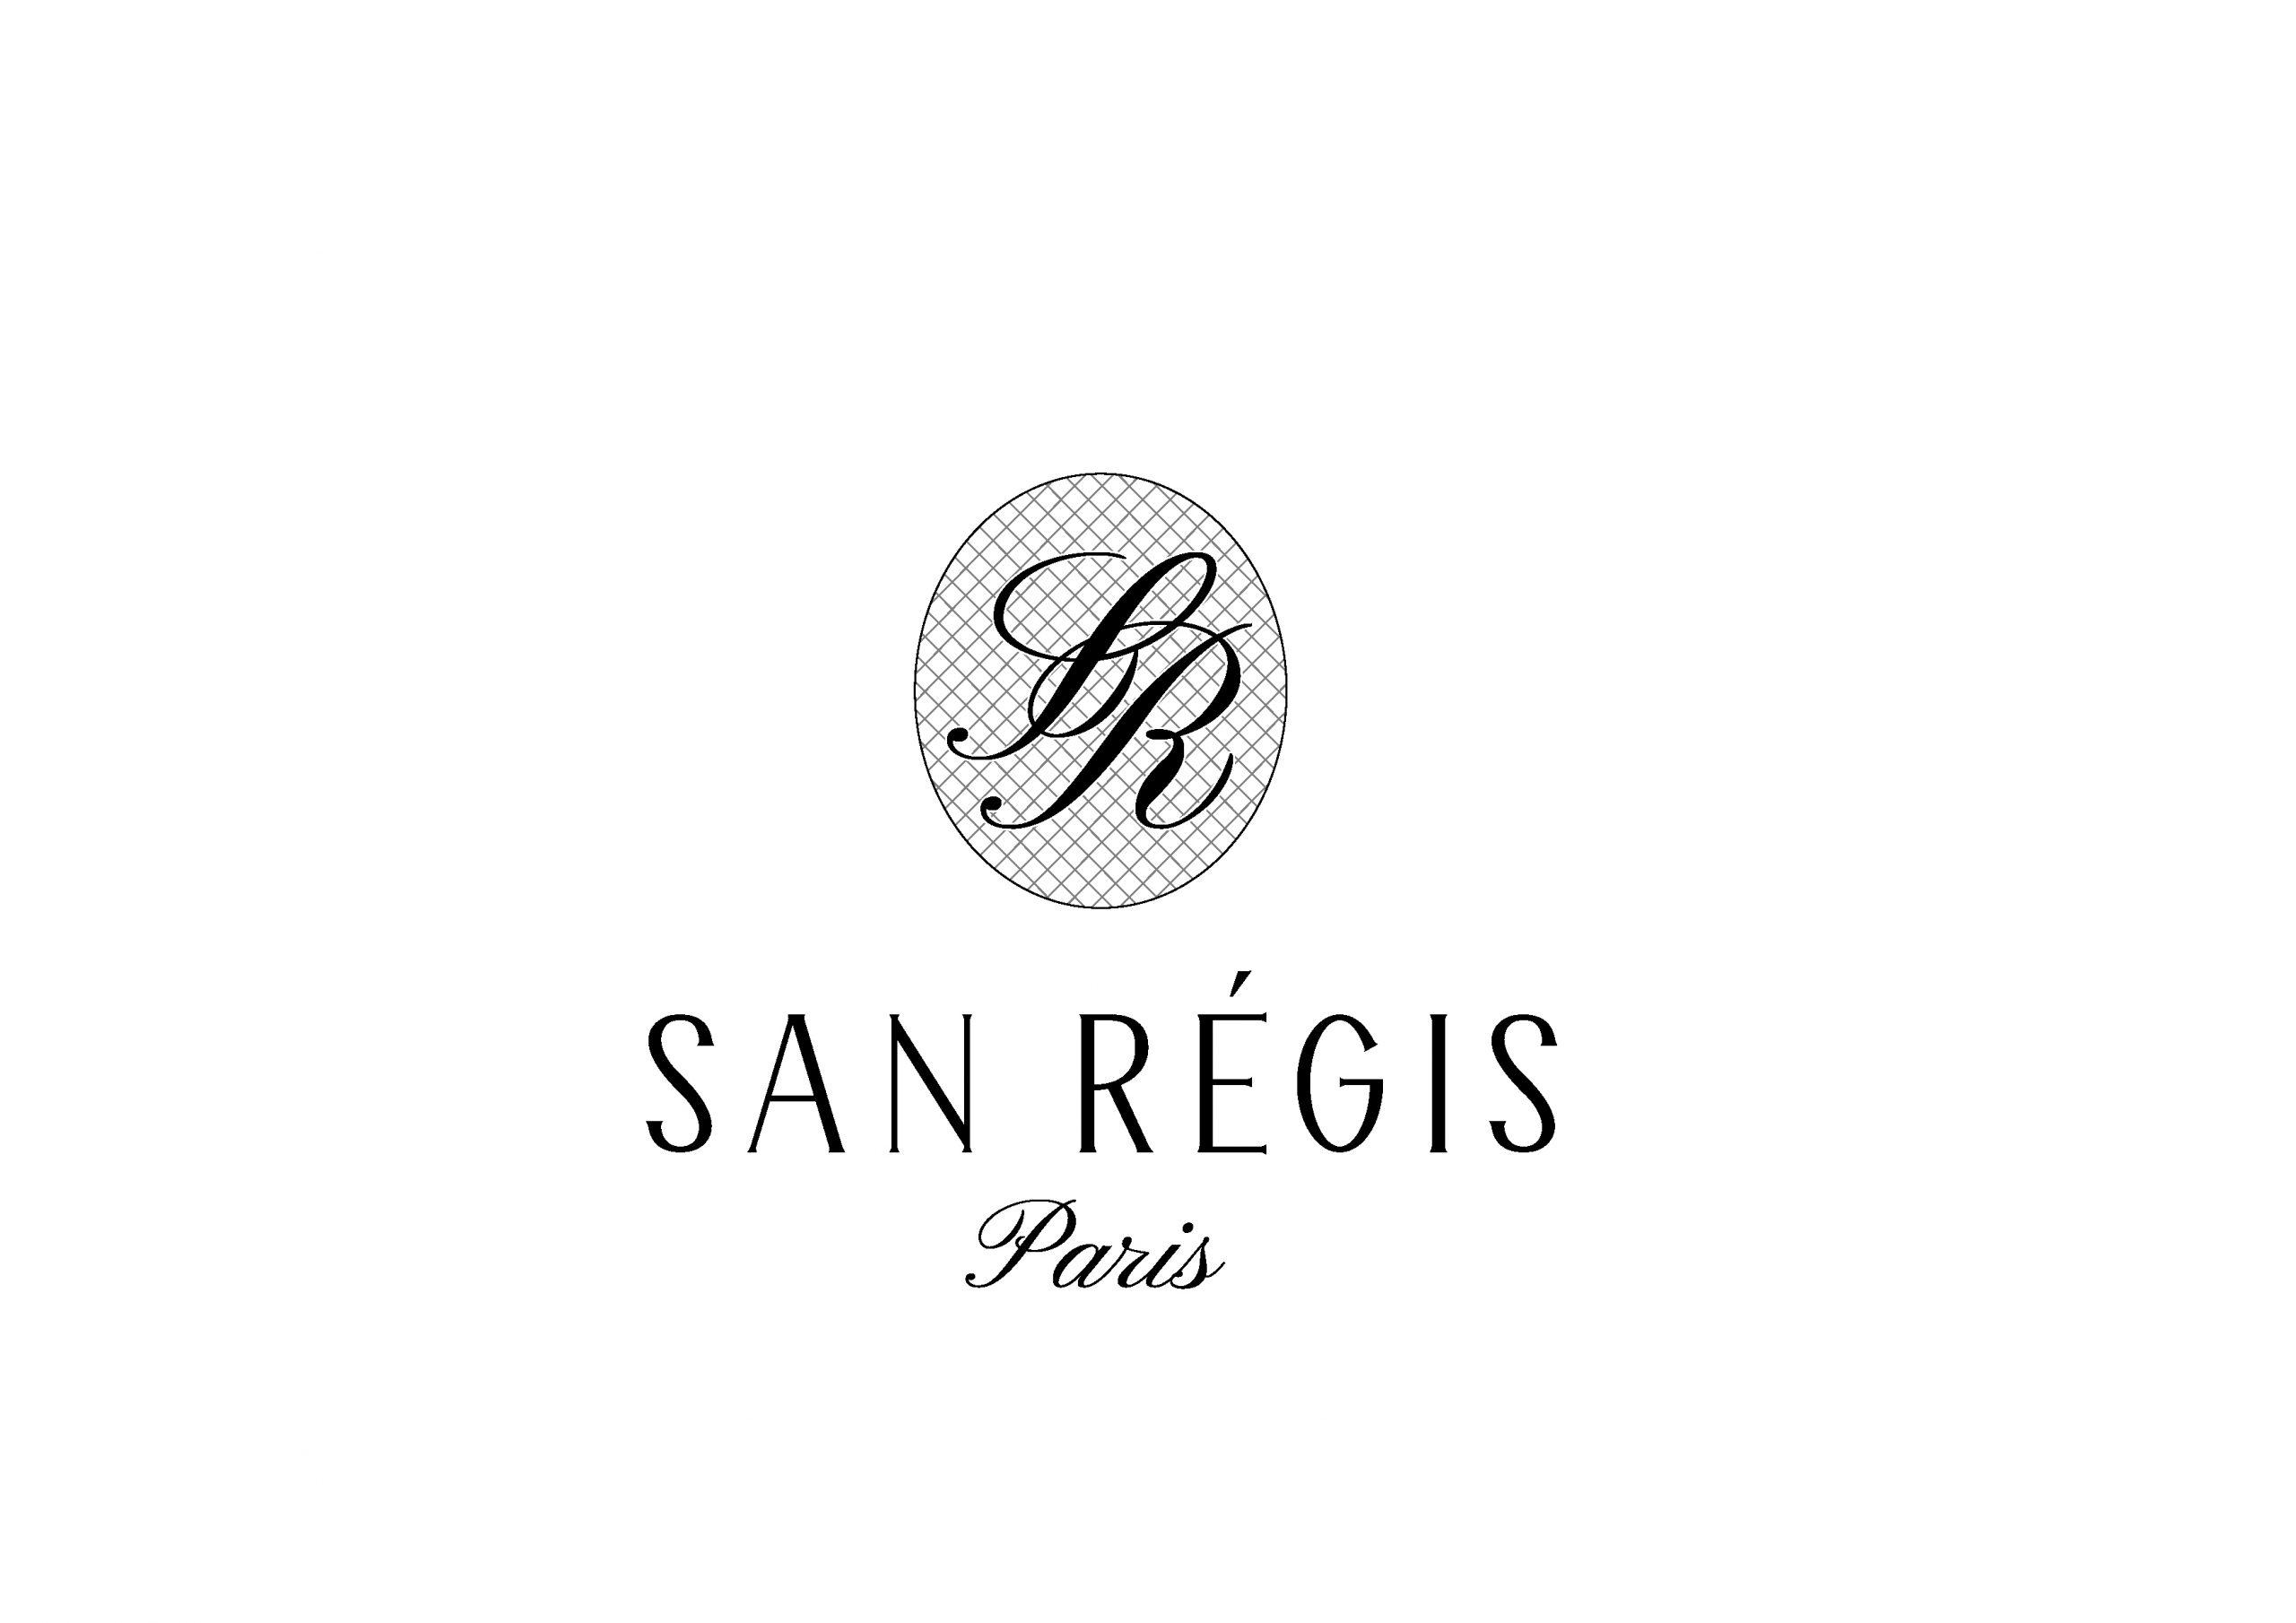 Hôtel San Régis_SR avec San Re¦ügis Paris-01